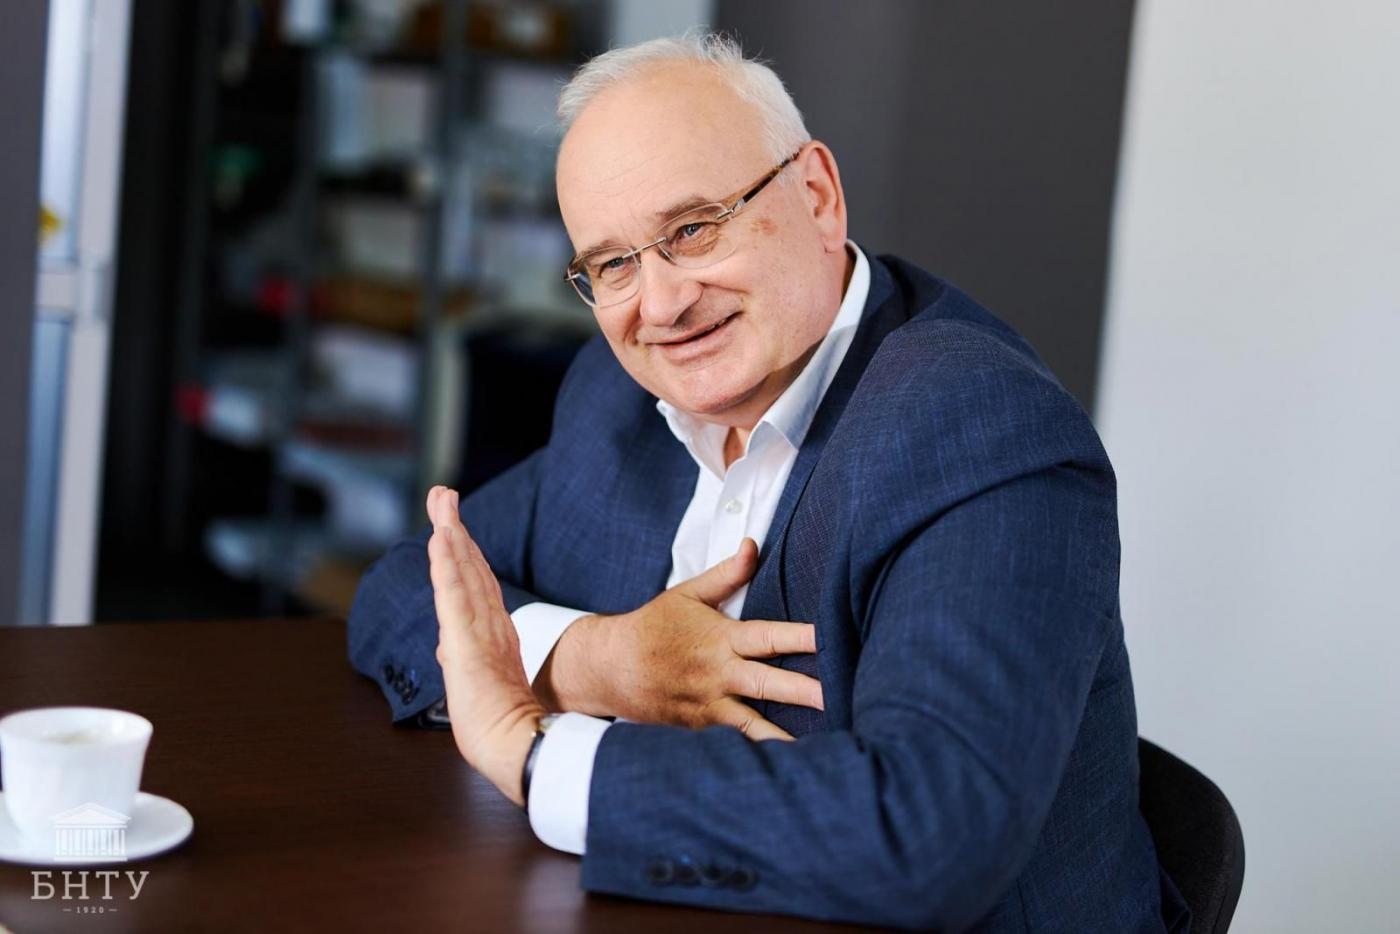 «Во многом мне помог университет». Интервью с председателем Общественного совета БНТУ Николаем Александровичем Ладутько